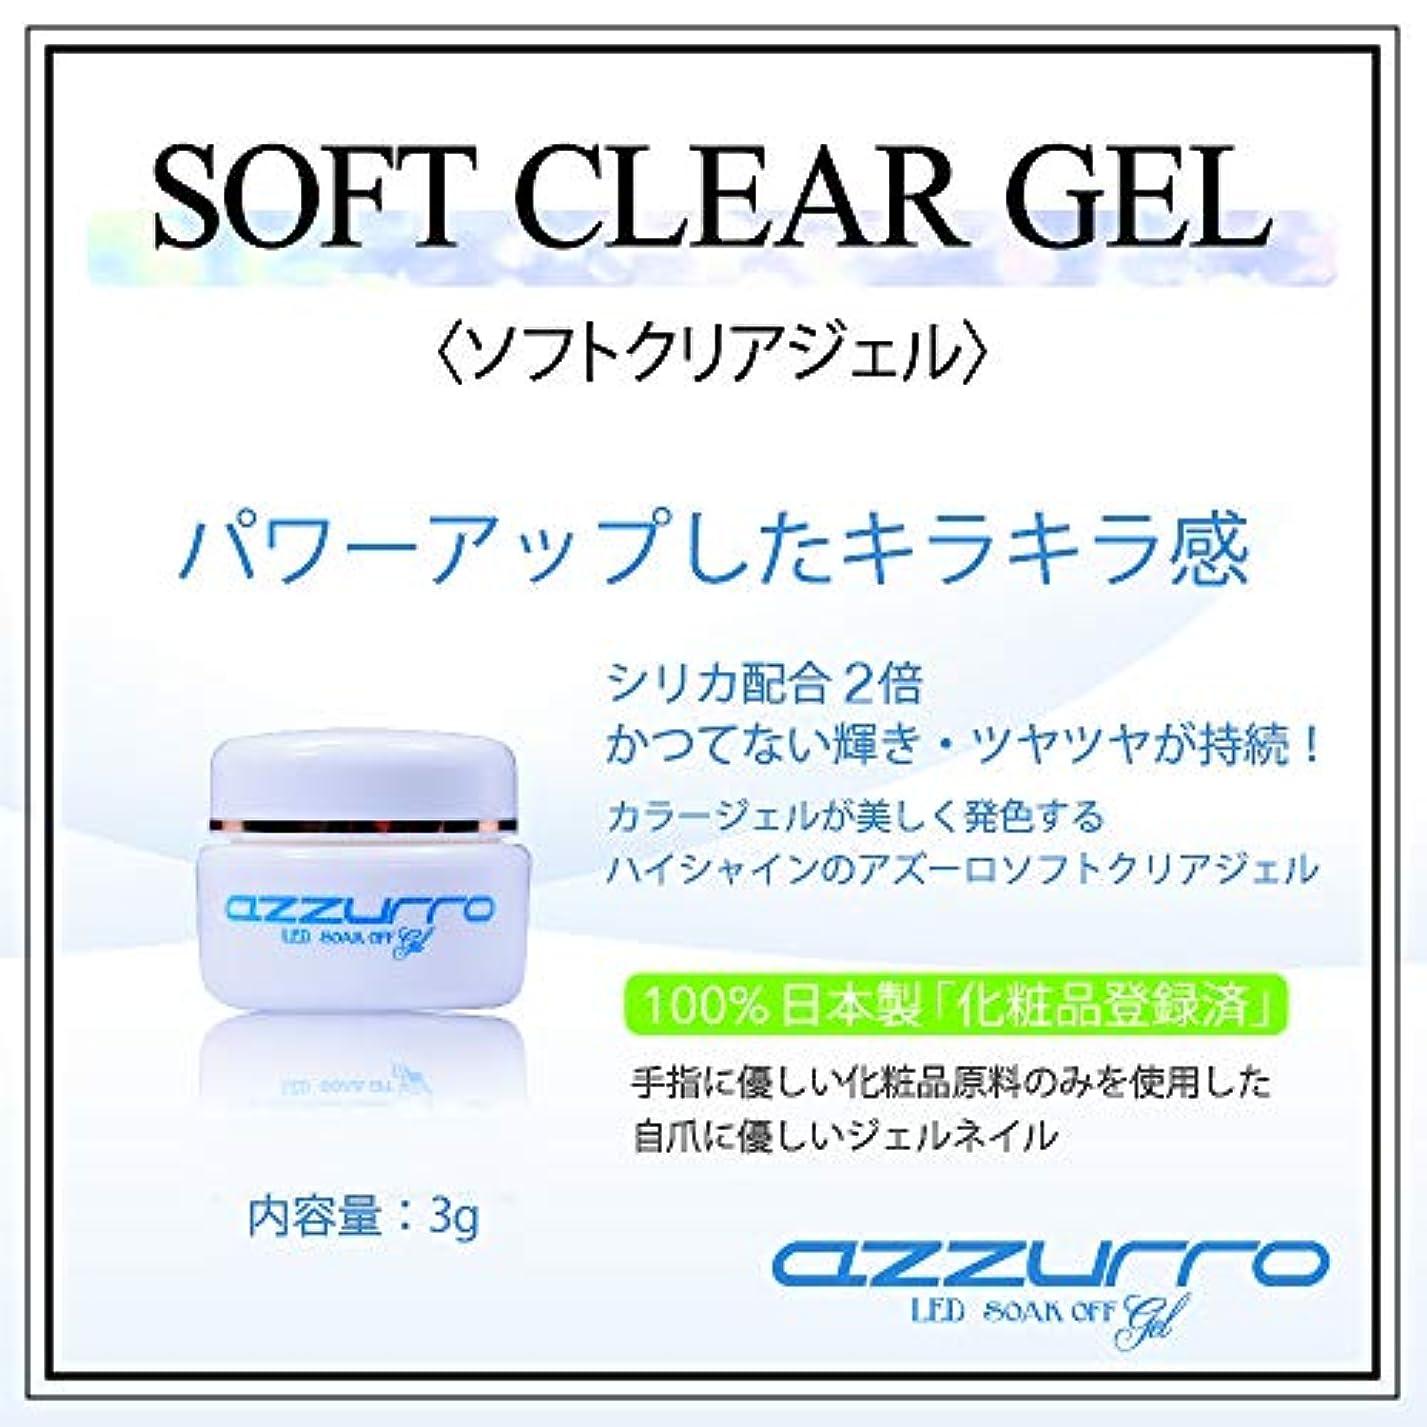 うまナイトスポットバッテリーazzurro gel アッズーロ ソフトクリアージェル ツヤツヤ キラキラ感持続 抜群のツヤ 爪に優しい日本製 3g